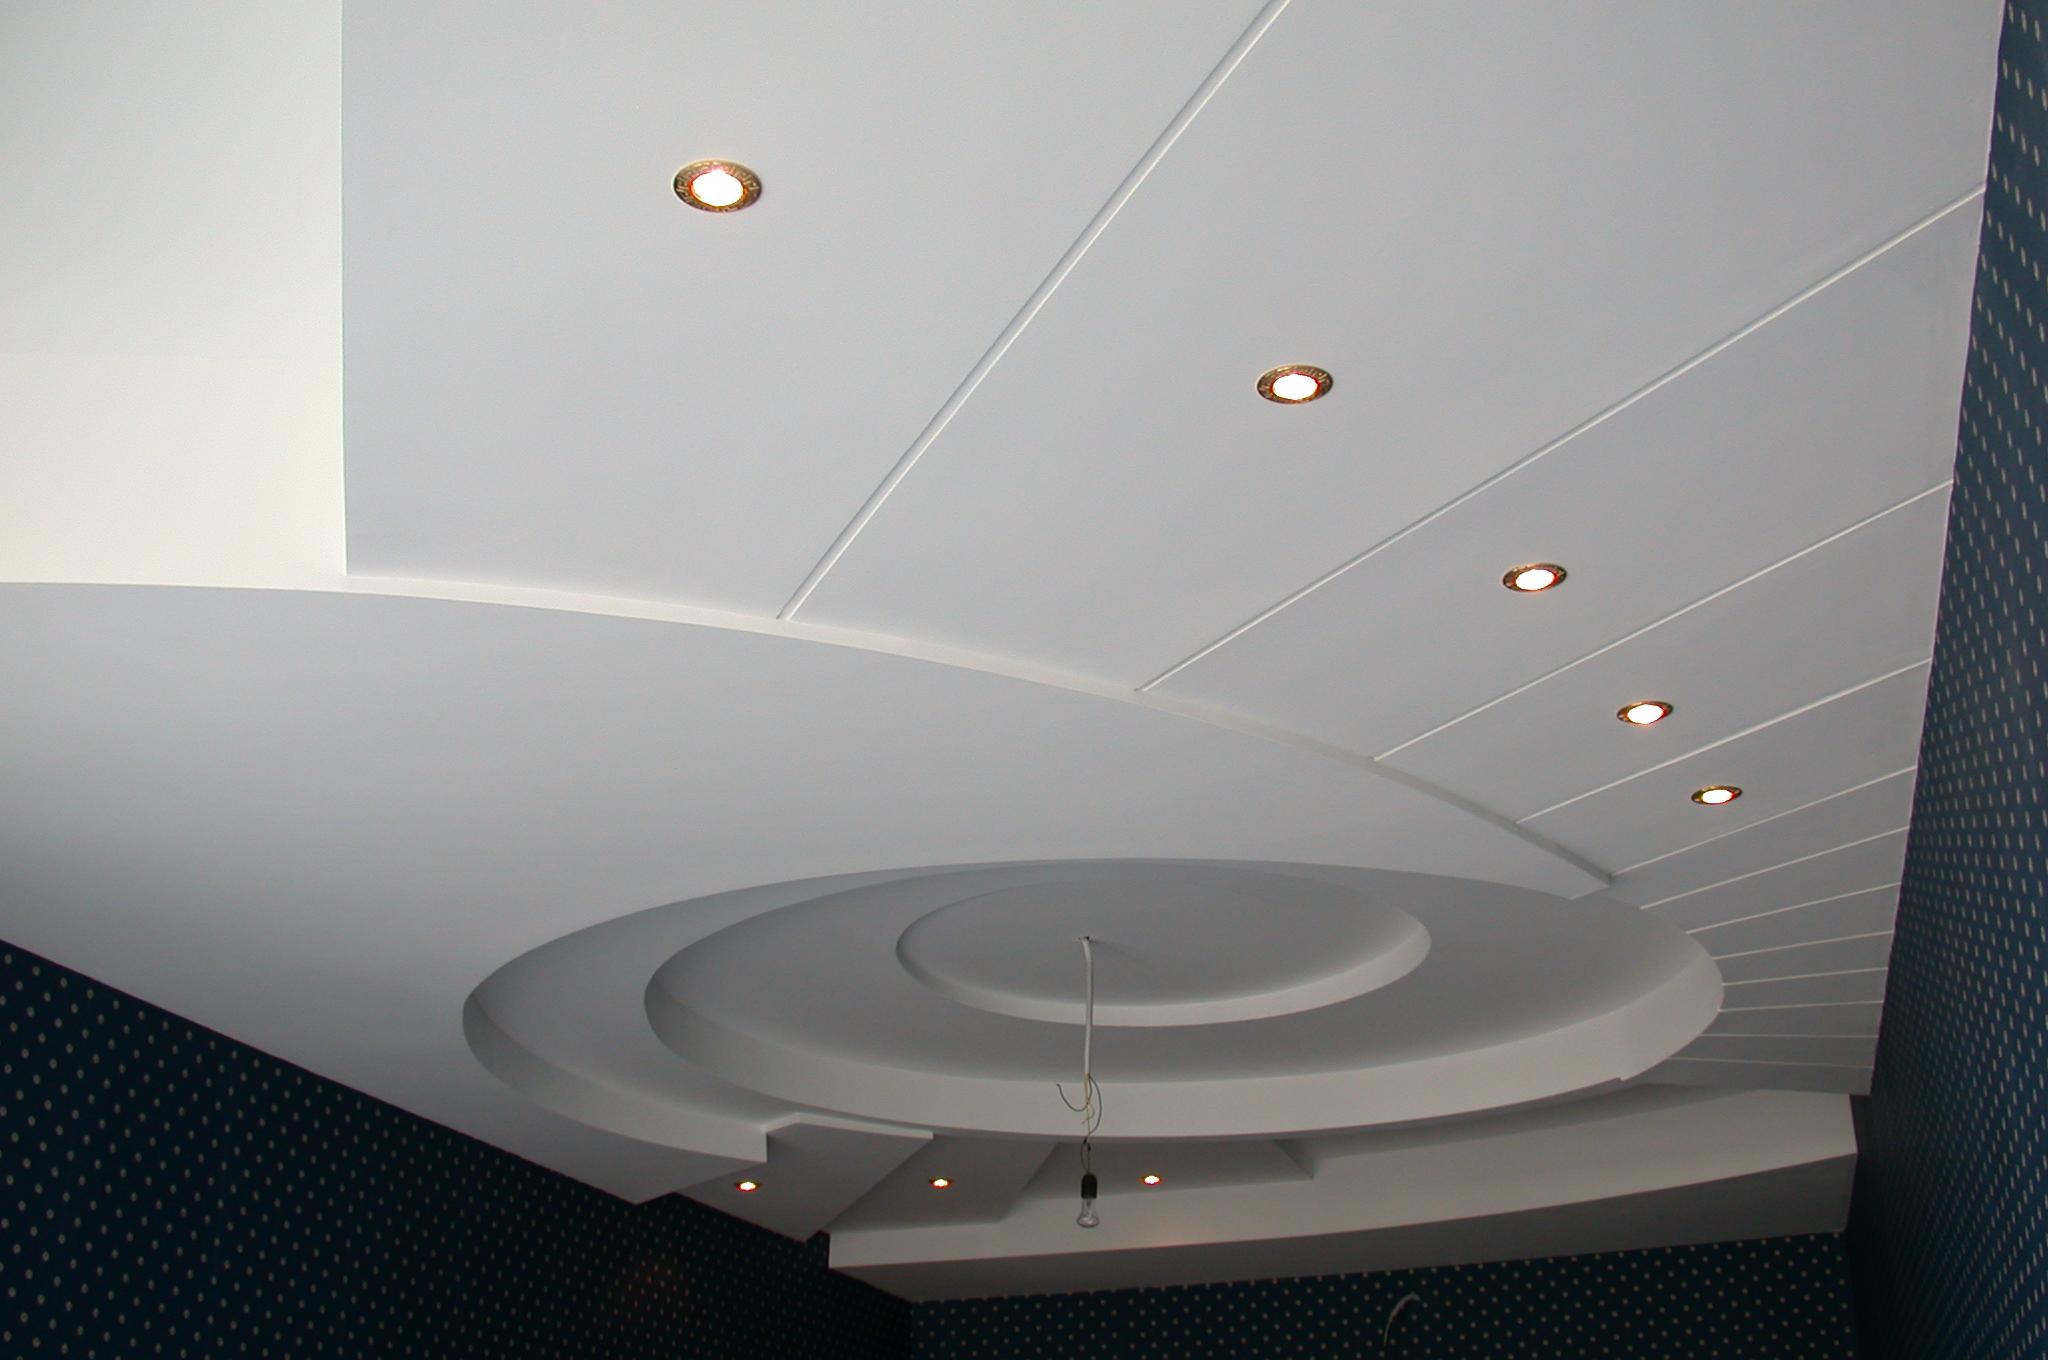 Отделка потолка пластиковыми панелями своими руками видео фото 4